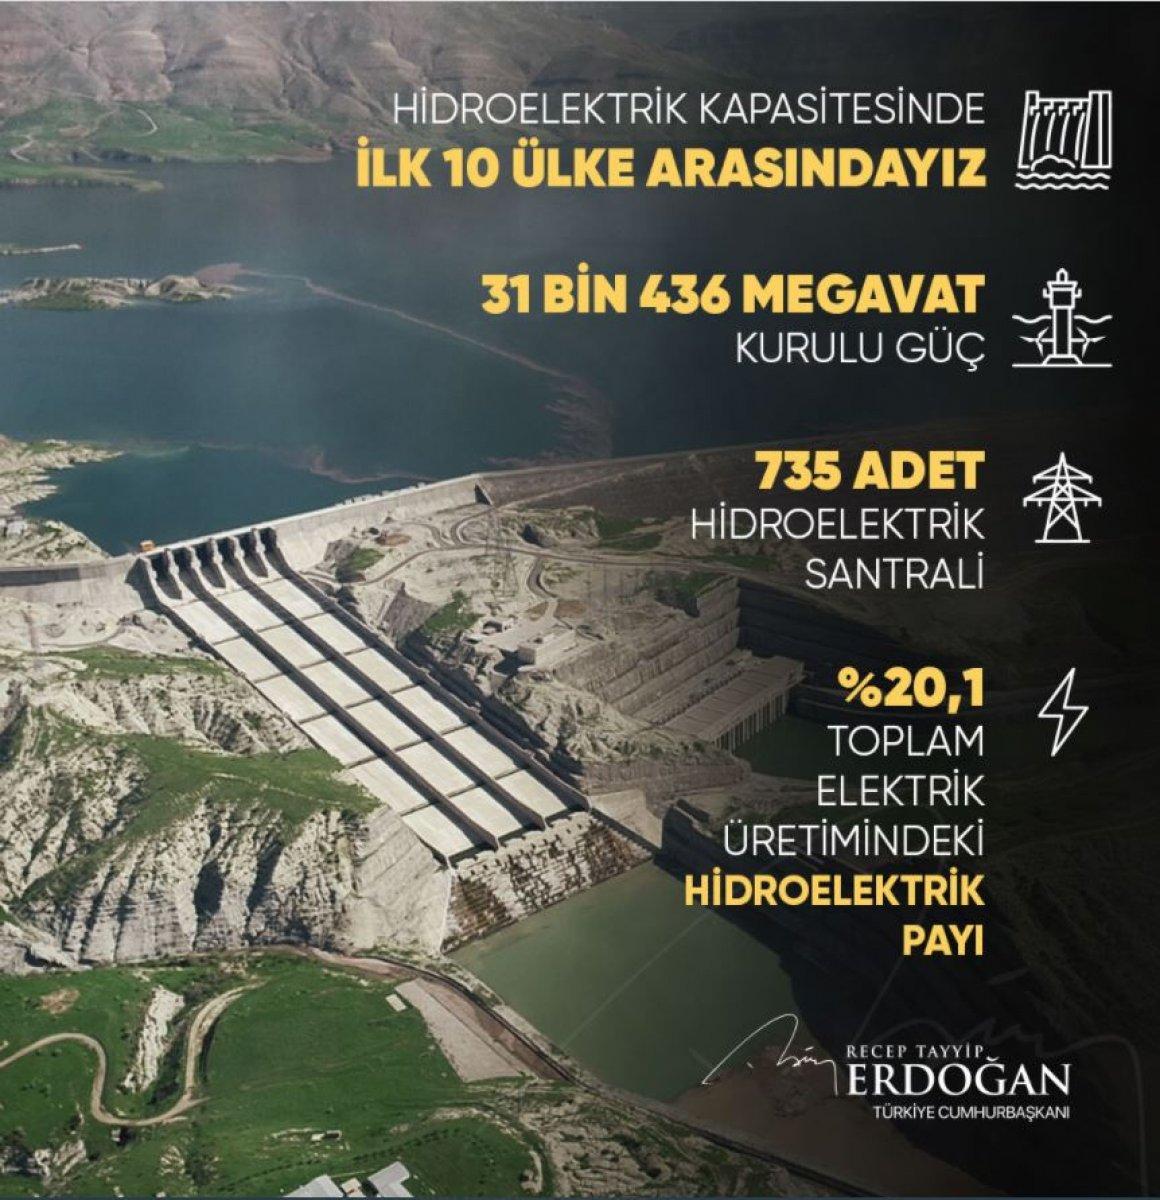 Cumhurbaşkanı Erdoğan dan hidroelektrik santrallerine ilişkin paylaşım #1